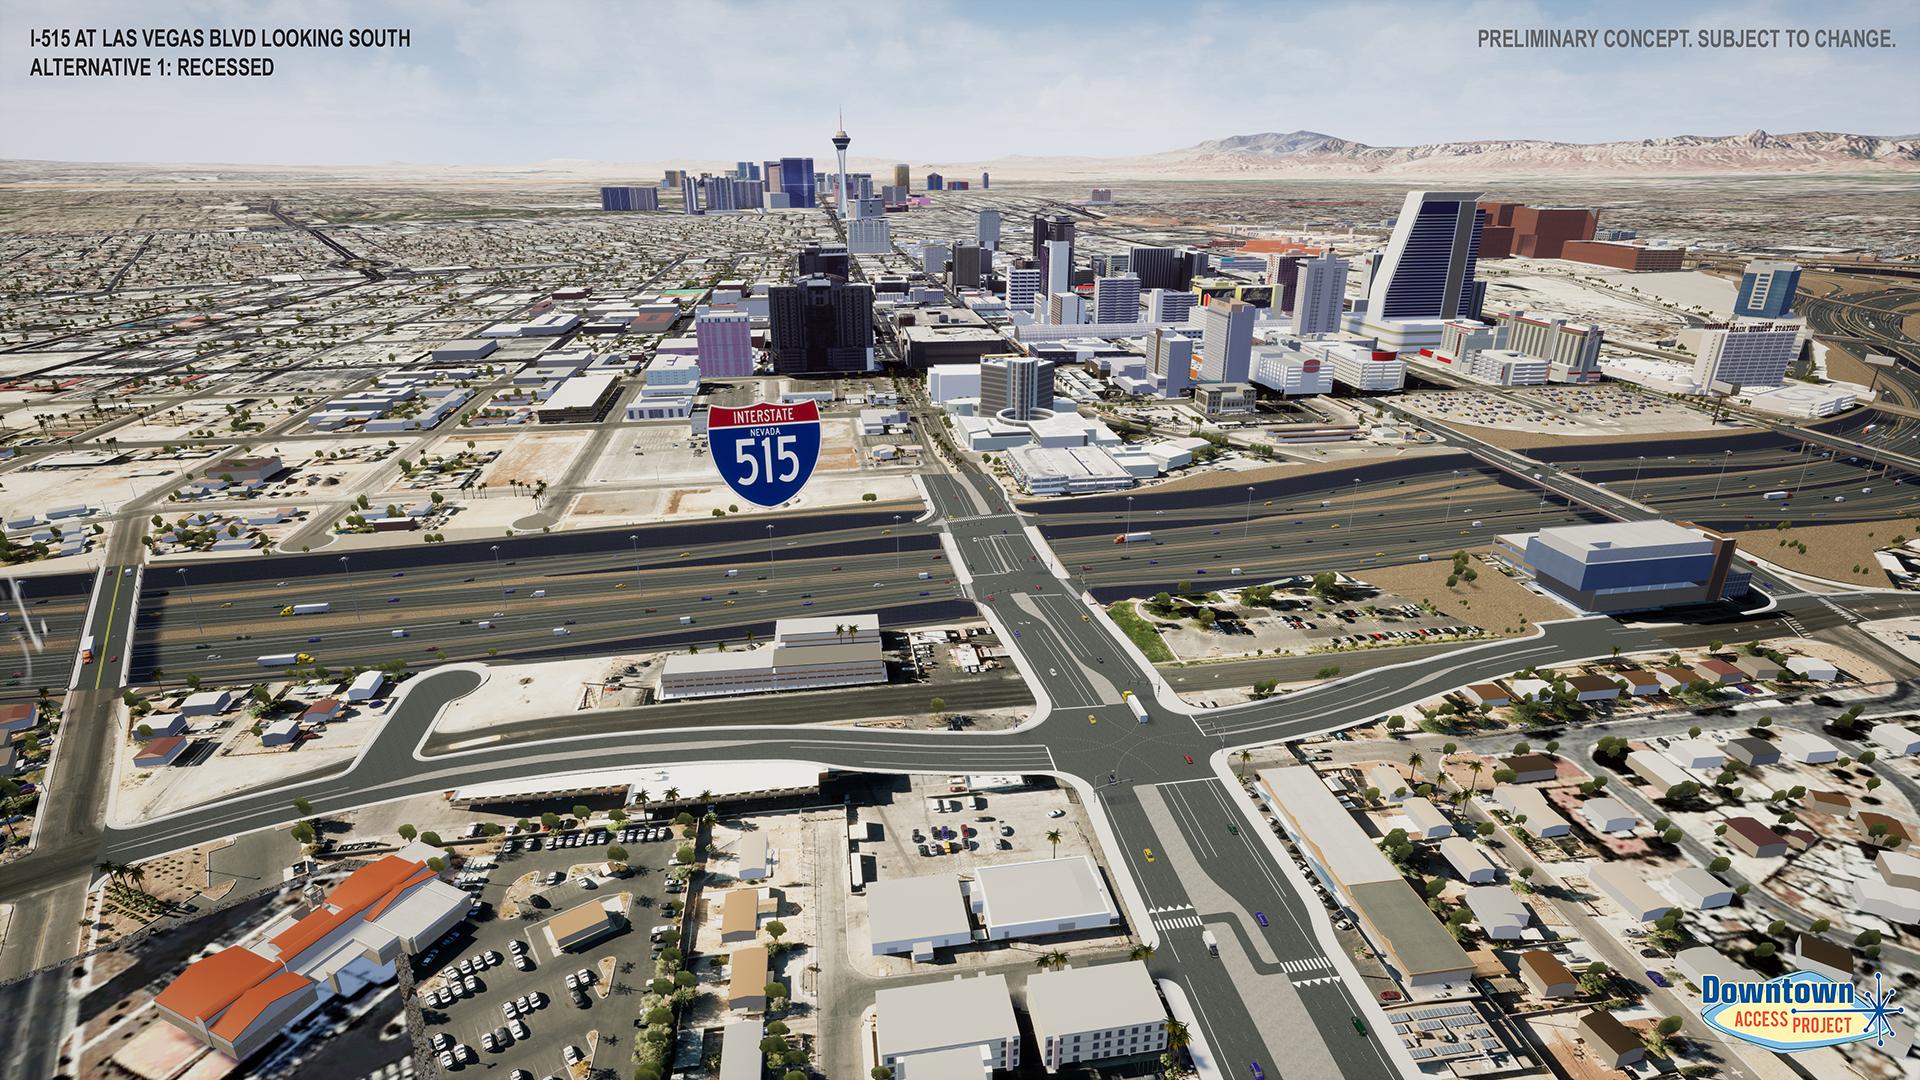 I-515 near las vegas blvd alternative 1 rendering